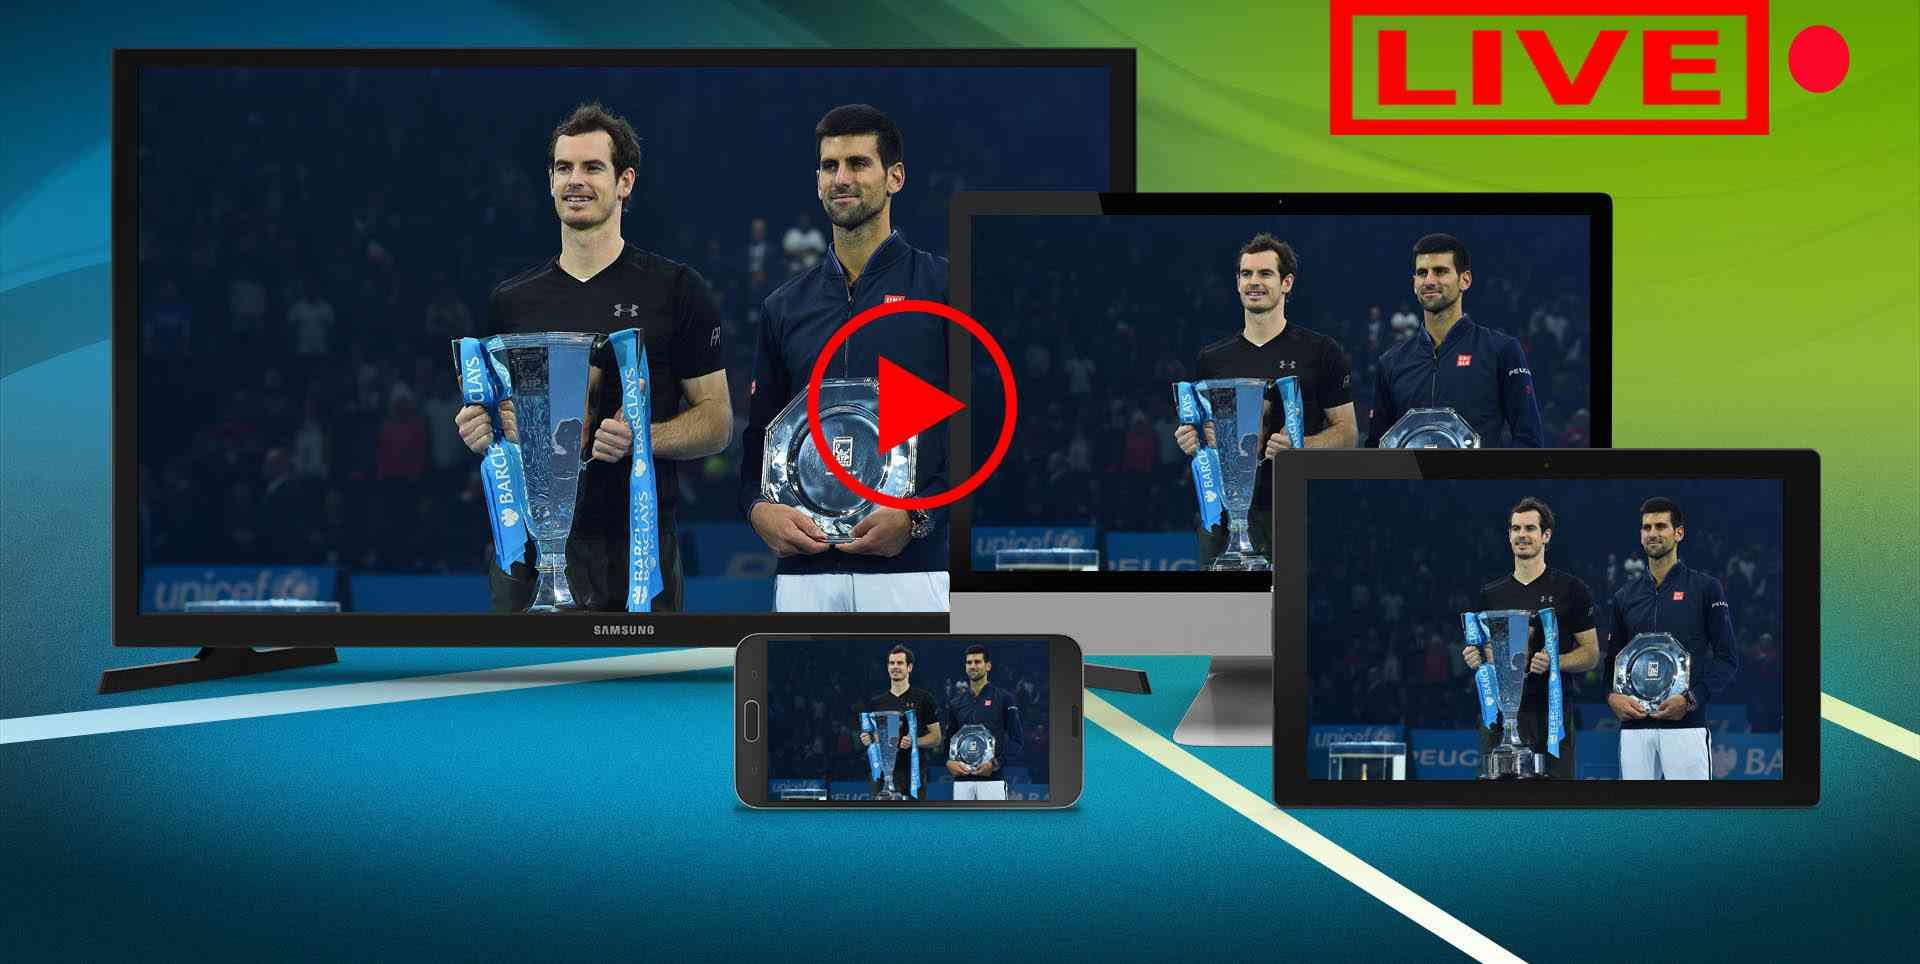 Live ATP  Online slider